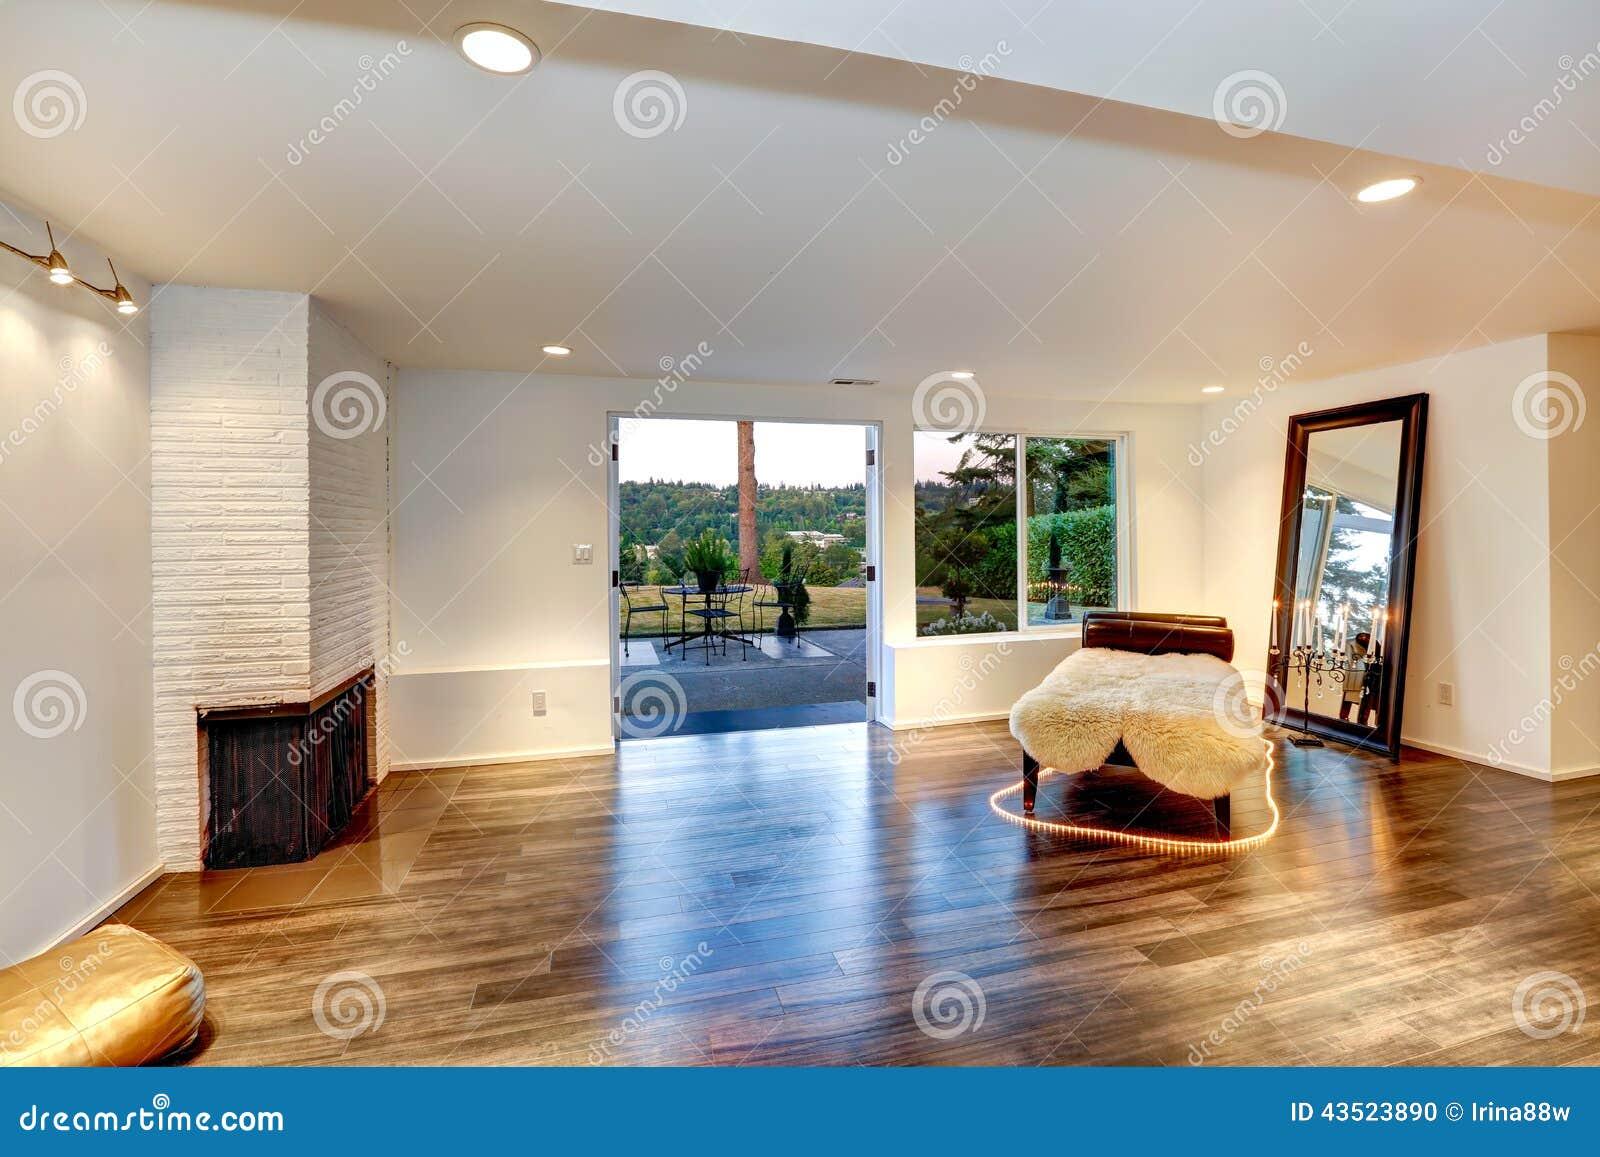 Modernes wohnzimmer bilder for Wohnzimmer spiegel